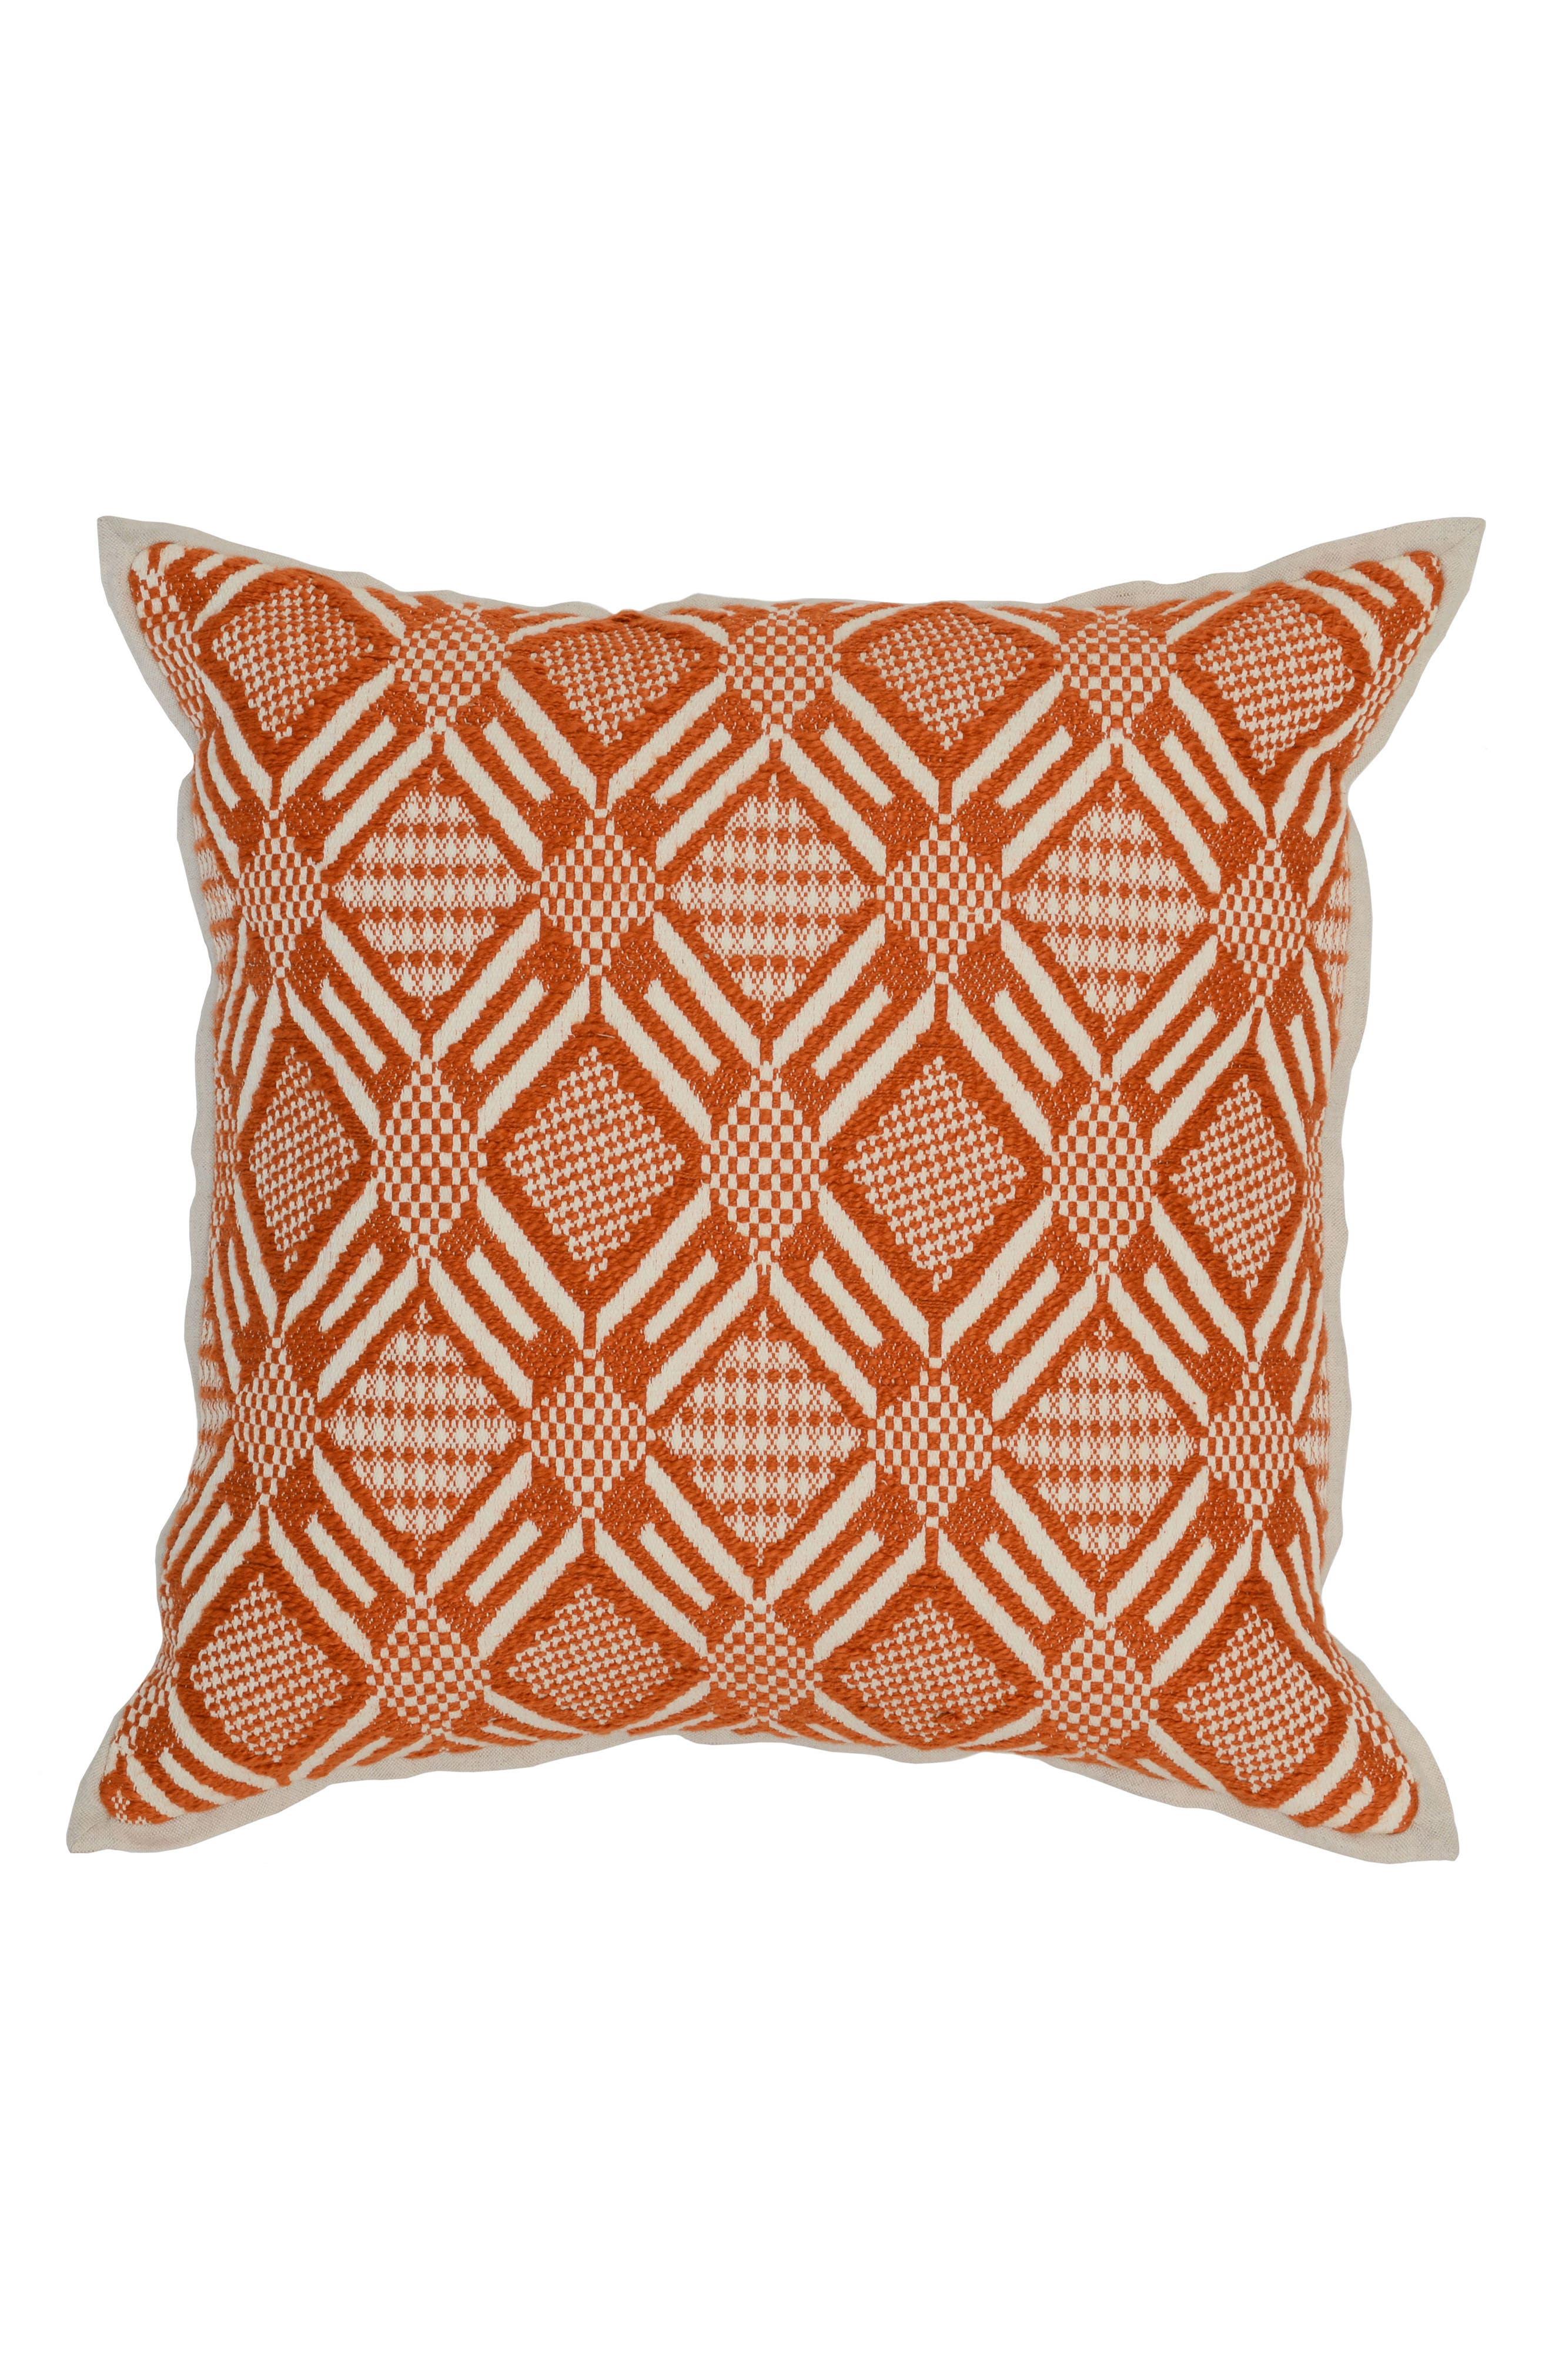 Villa Home Collection Avila Accent Pillow